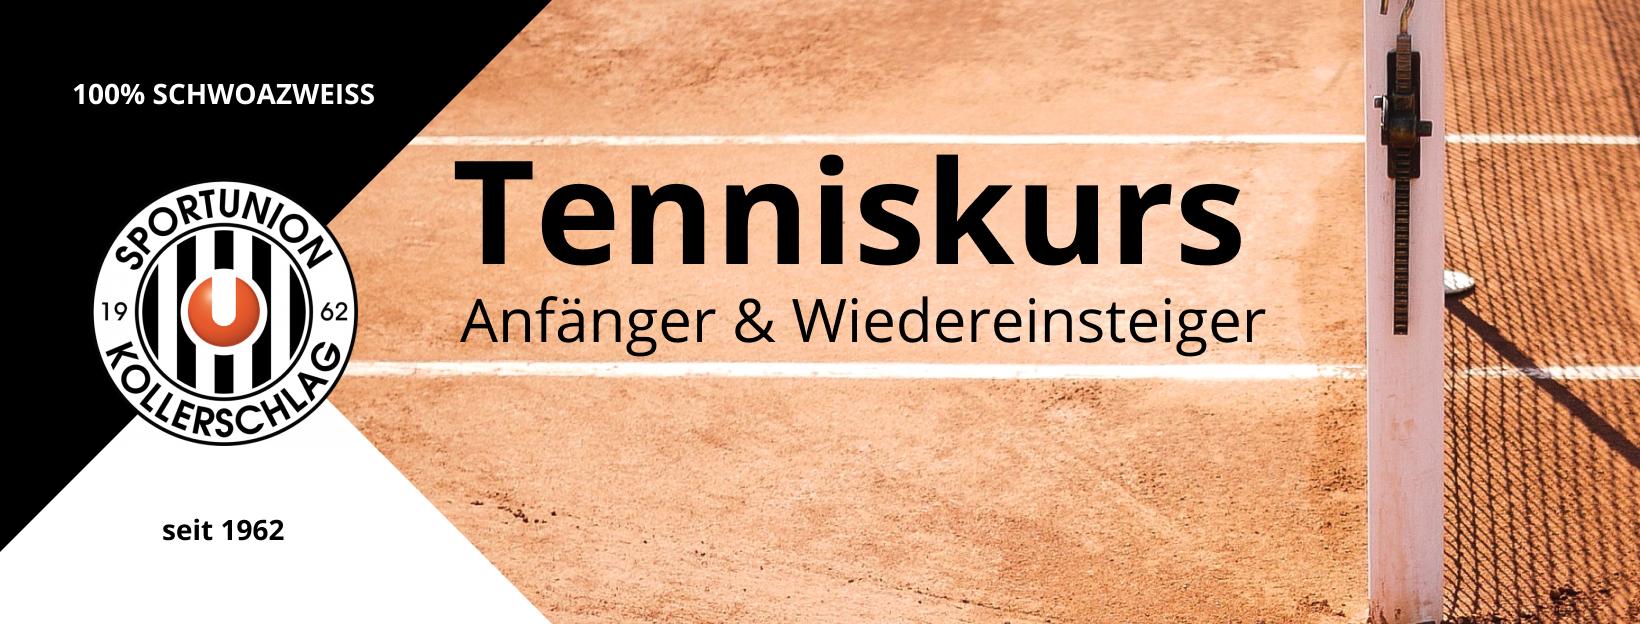 Winter Tenniskurs für Anfänger und Wiedereinsteiger